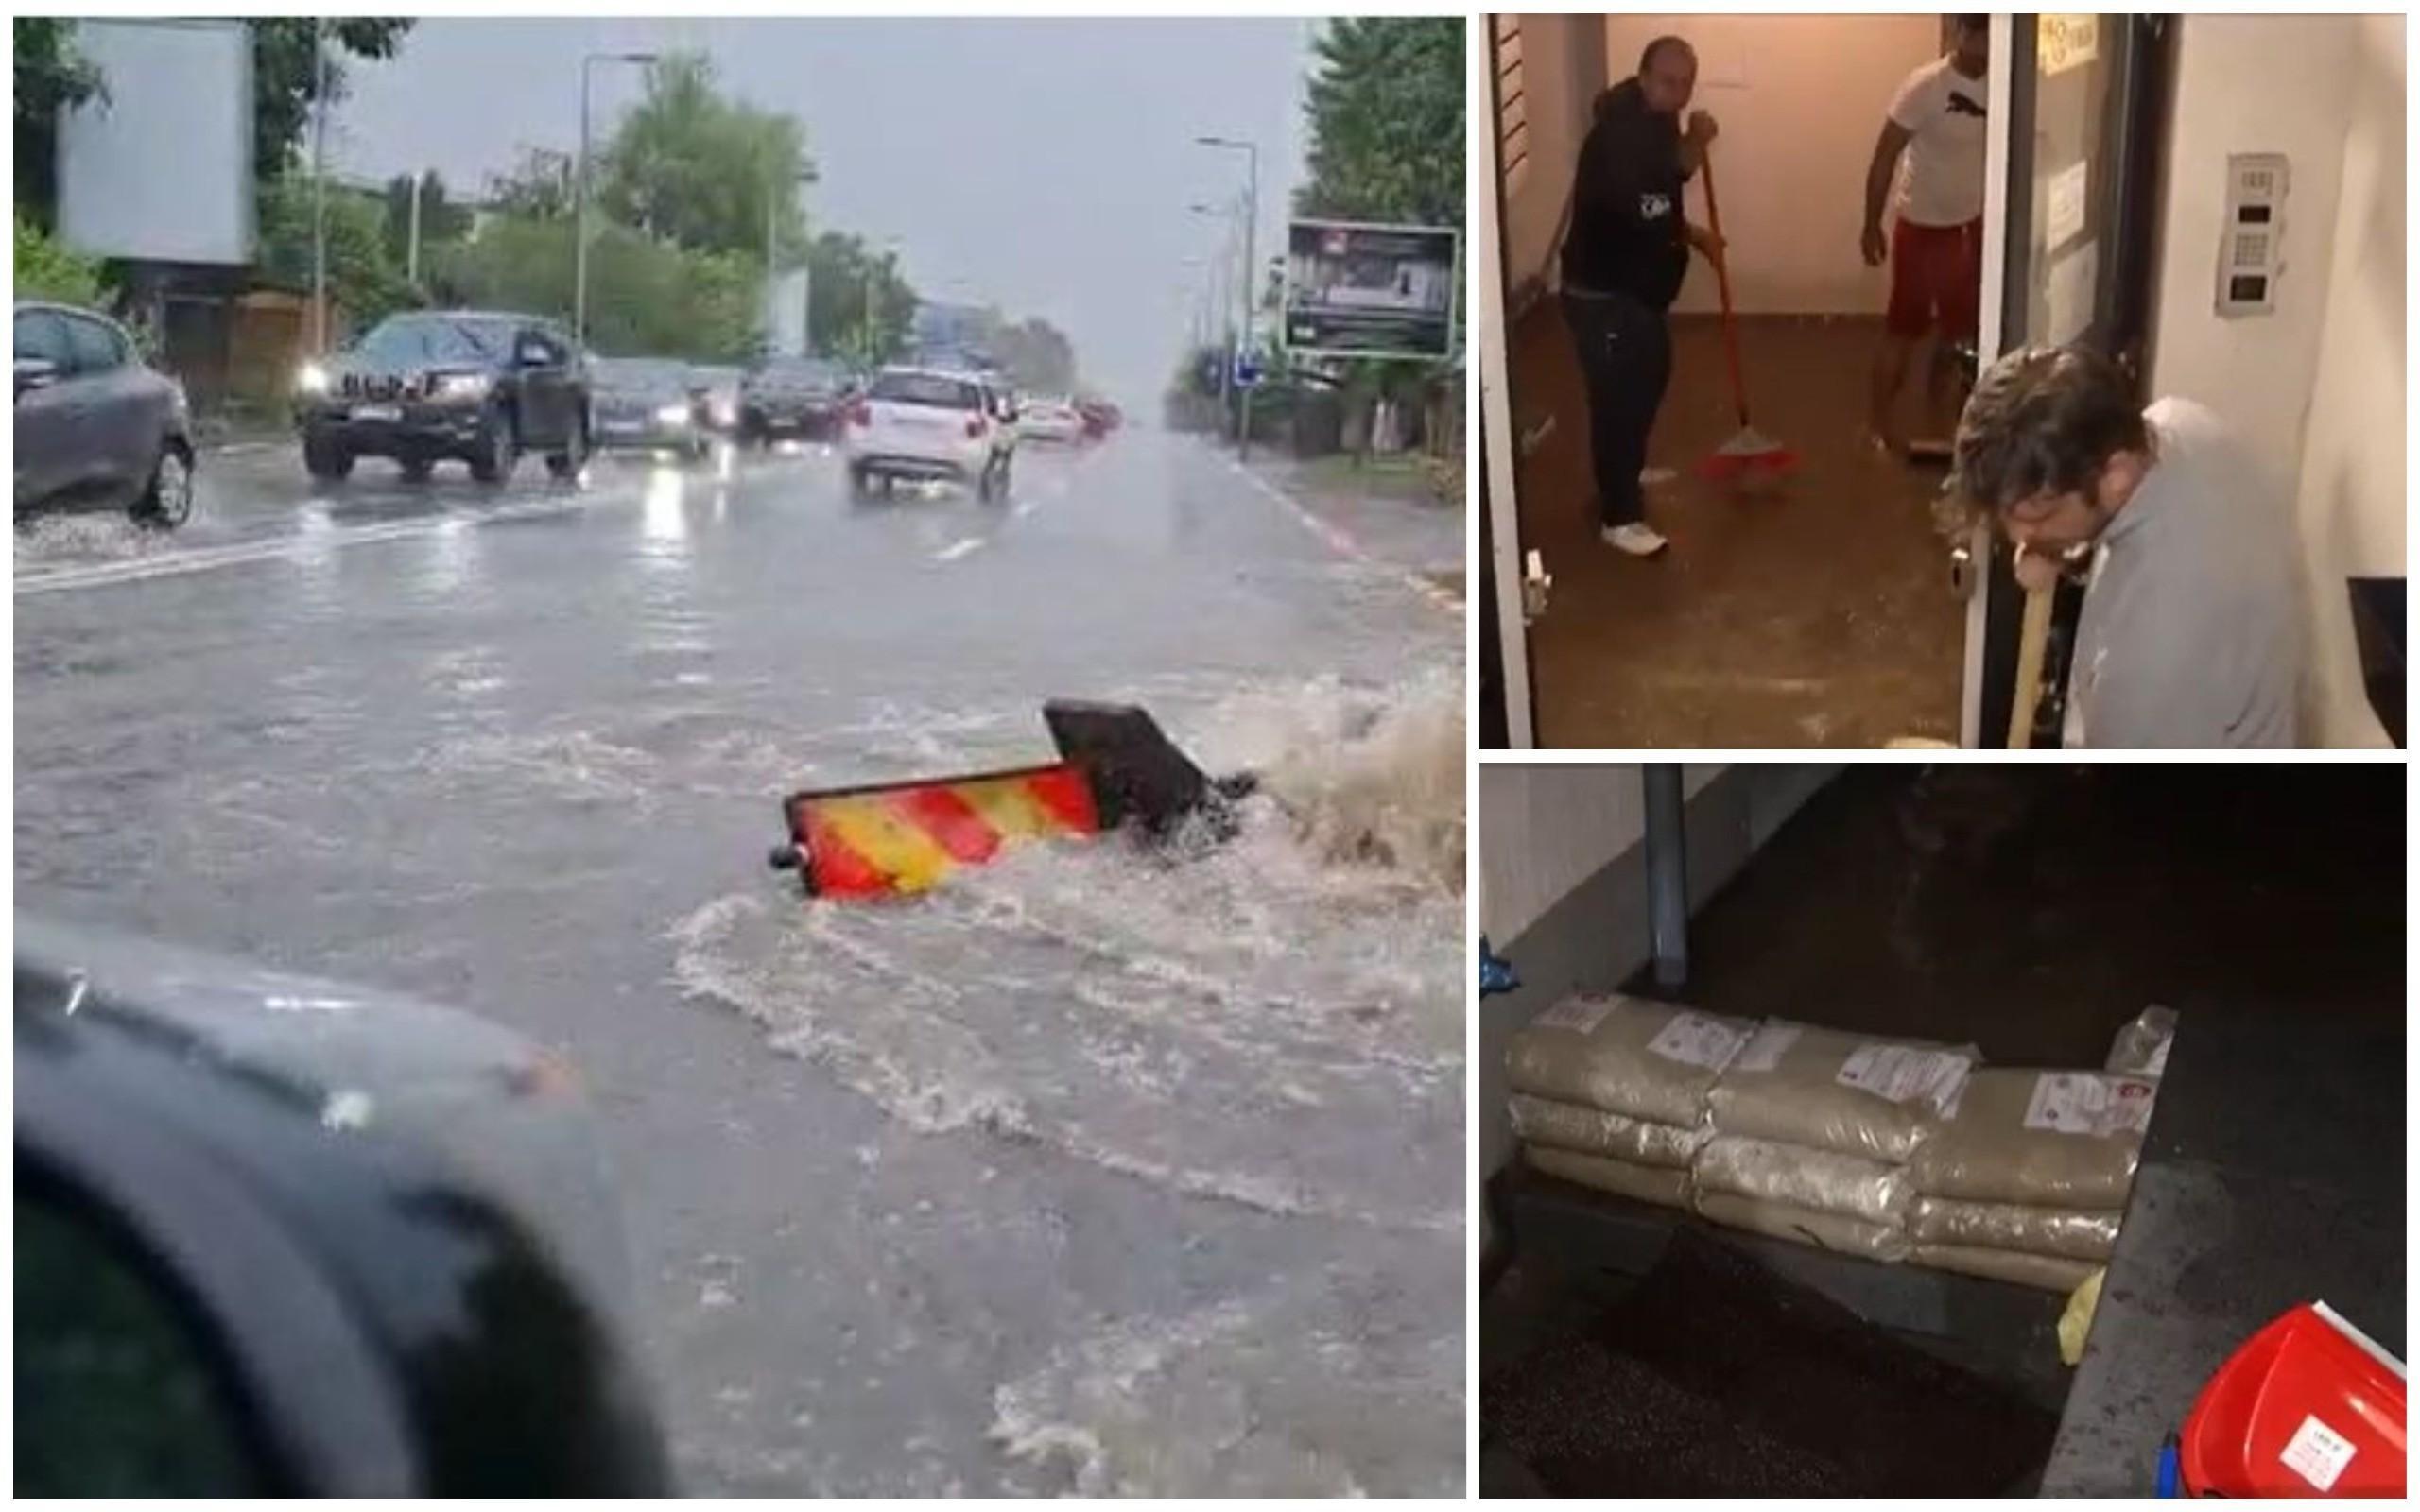 """Ploaia torențială a dat peste cap traficul în Capitală. Mai multe apartamente noi din Bragadiru au fost inundate: """"Mă mut cu chirie și-l pun la vânzare"""""""